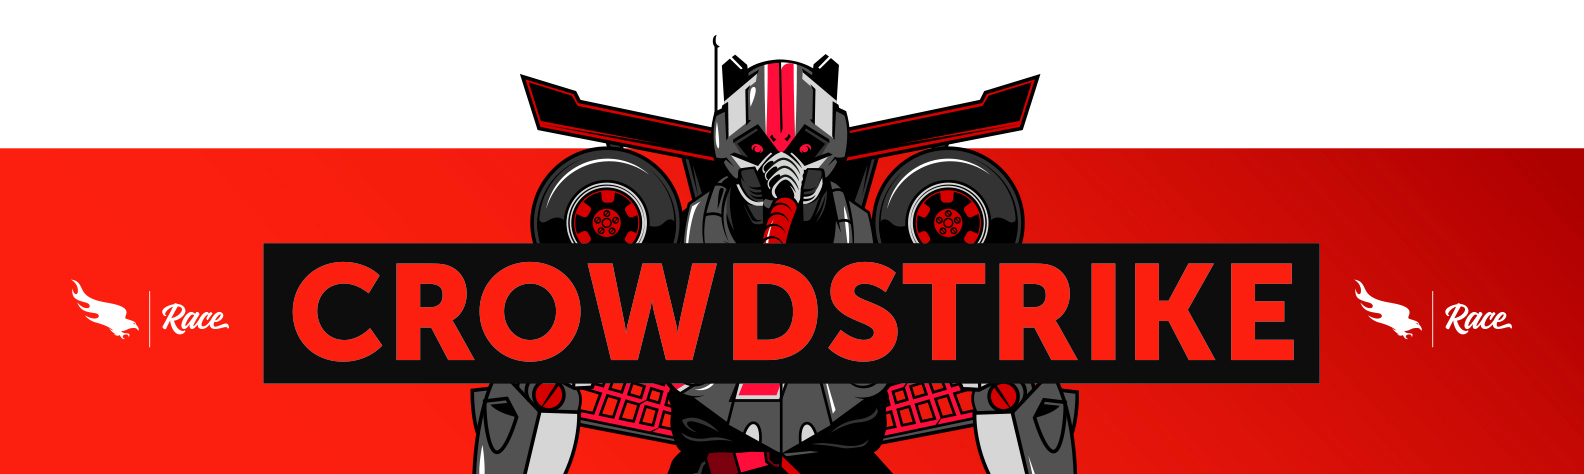 CrowdStrike Racing